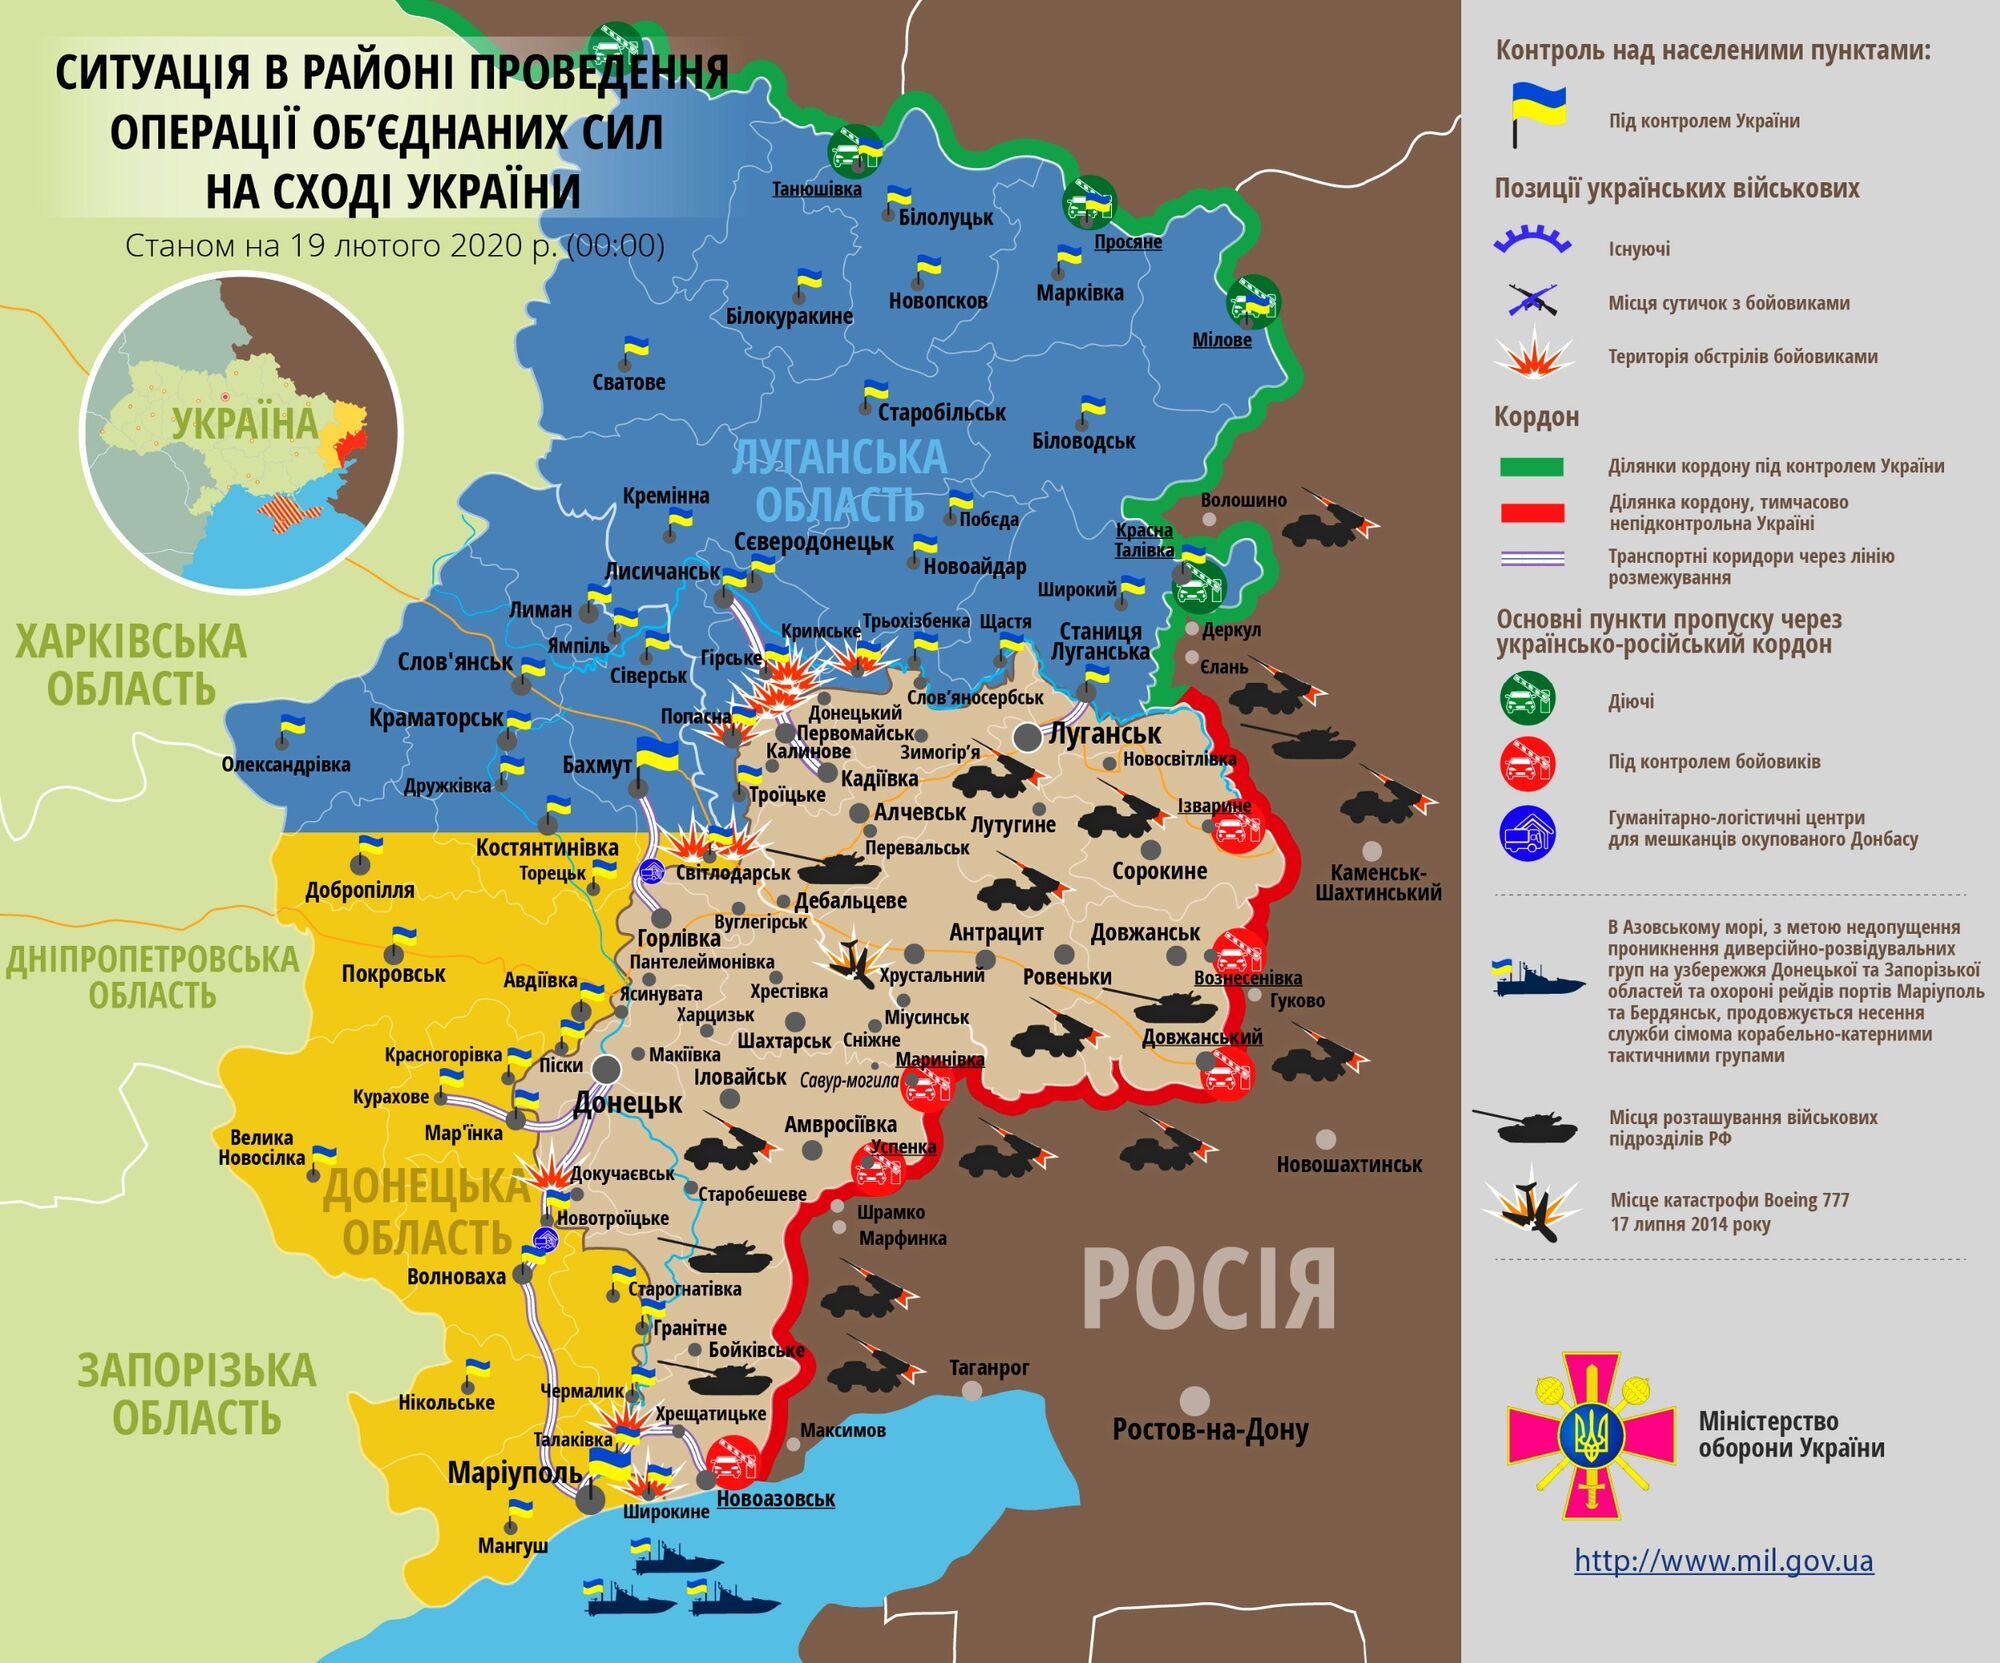 Снайперы России атаковали ВСУ на Донбассе